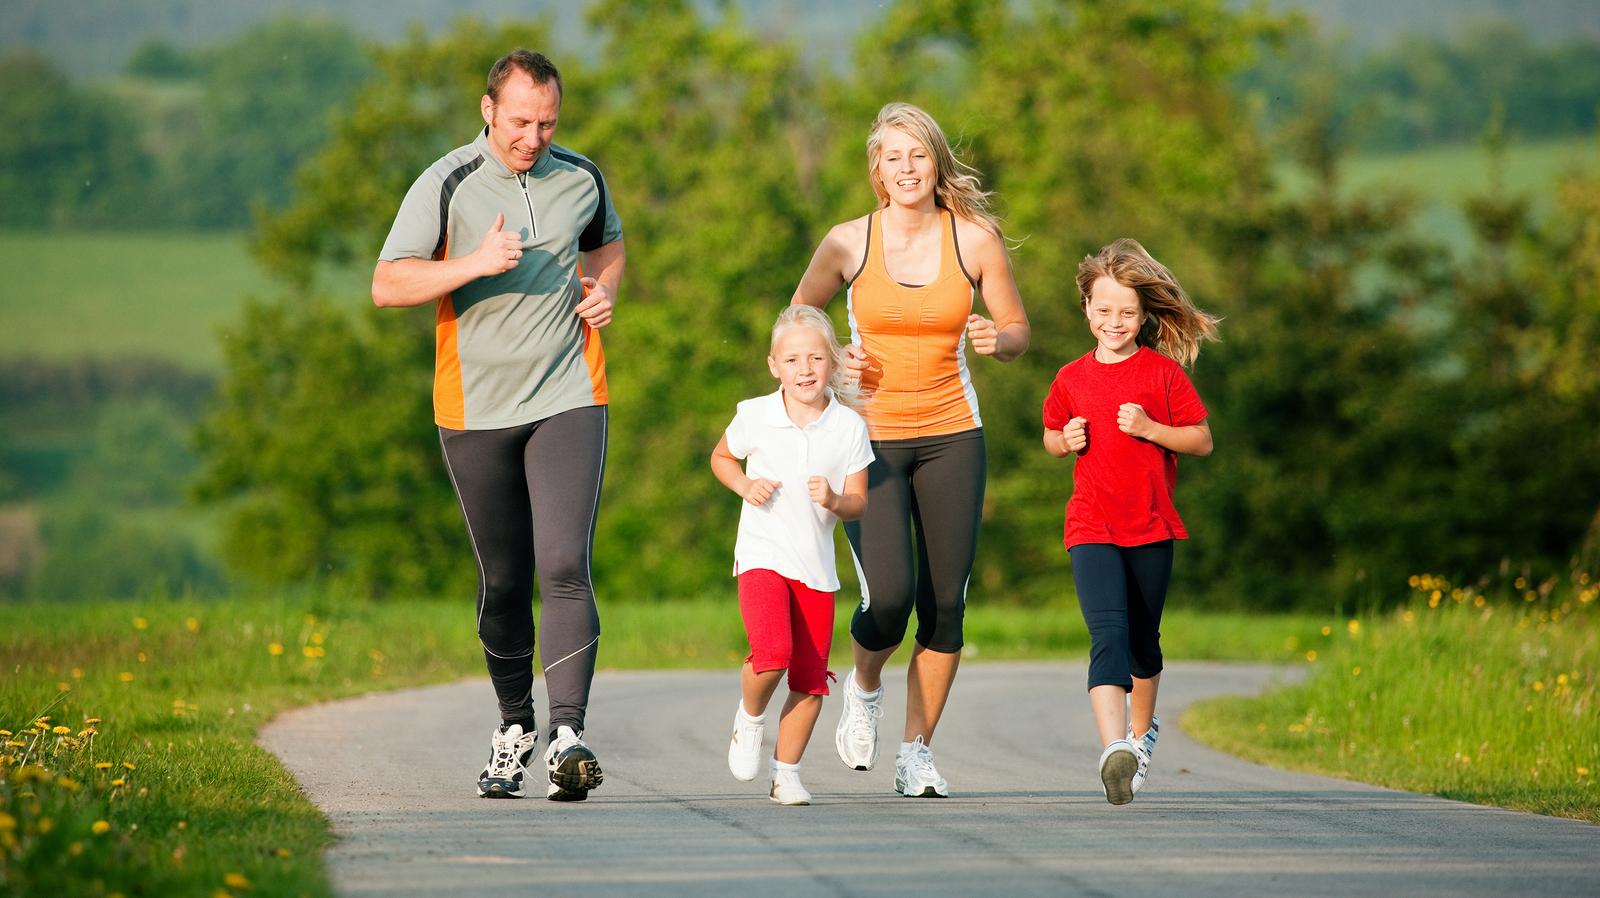 trening og helse